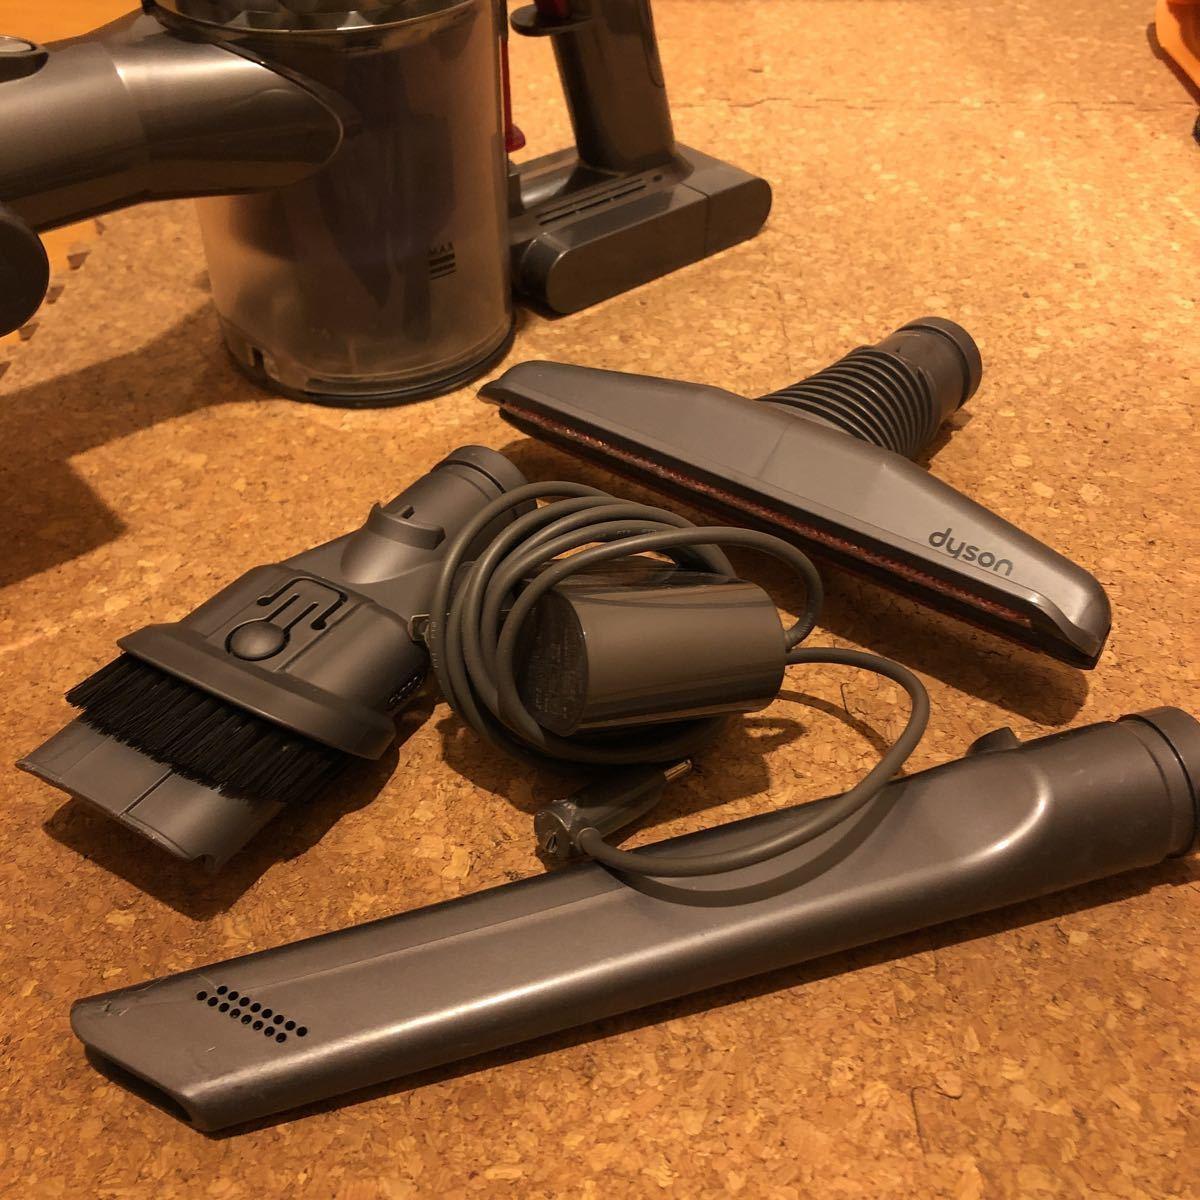 ダイソン ハンディーコードレスクリーナーDC61 美品中古 掃除機_画像2